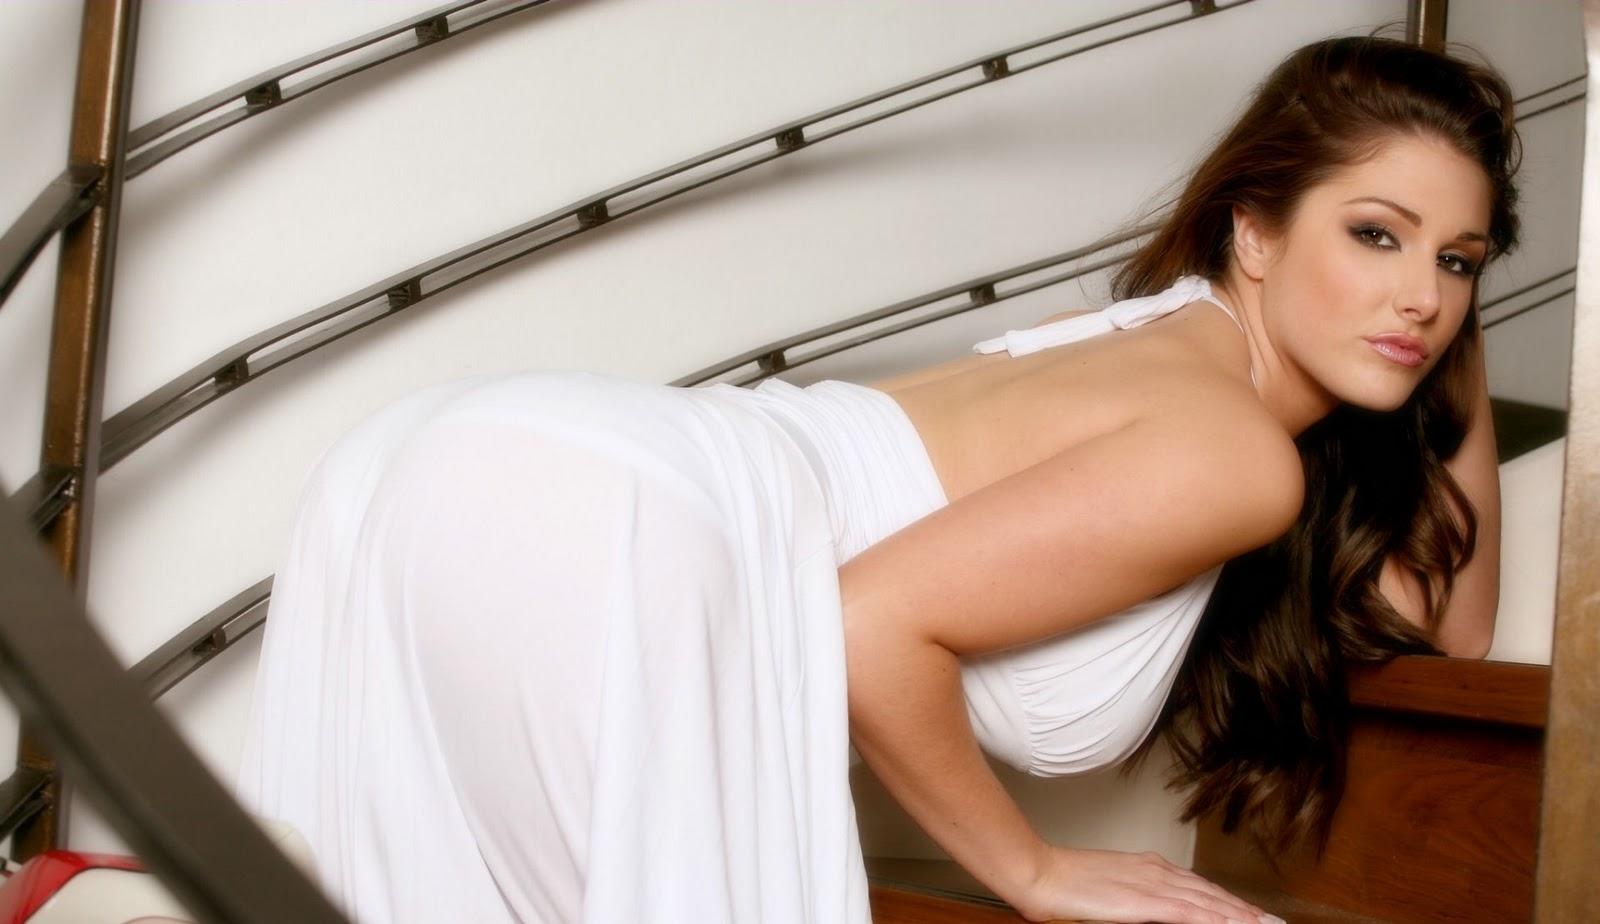 http://3.bp.blogspot.com/_Y5-4Z4aPcOI/TTNCMvxwptI/AAAAAAAAAHo/7jsUlO8sRfU/s1600/Lucy+Pinder+Hot+Wallpapers+-+freehd.blogspot+%25287%2529.jpg